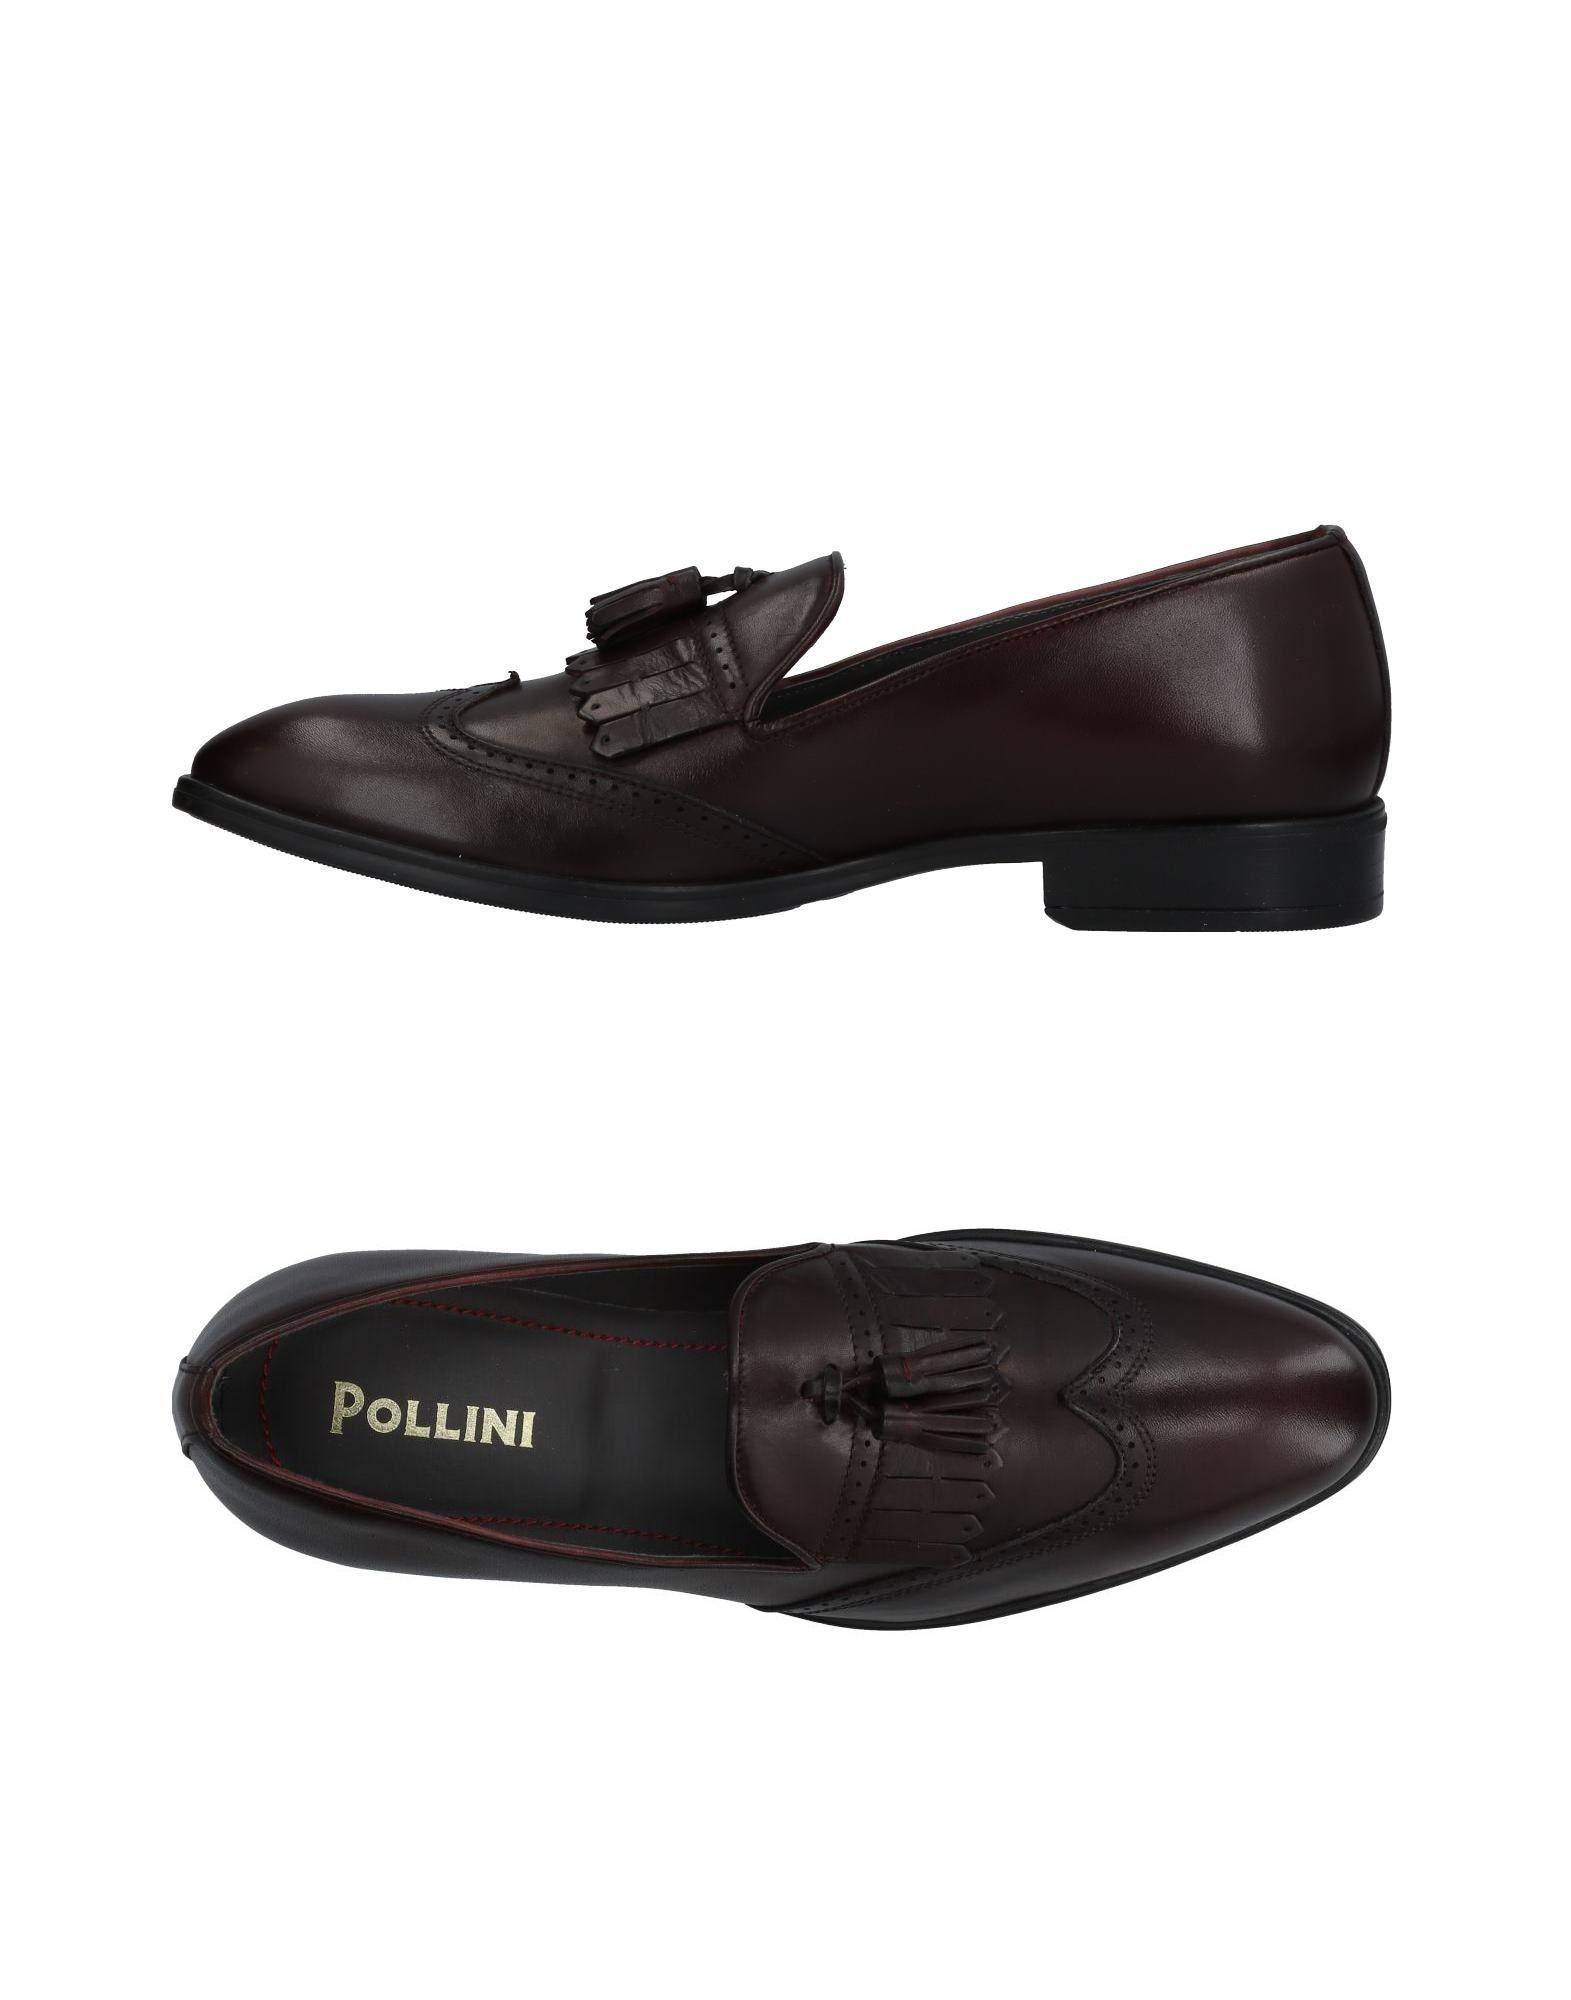 Pollini Mokassins Herren  11447431CK Gute Qualität beliebte Schuhe